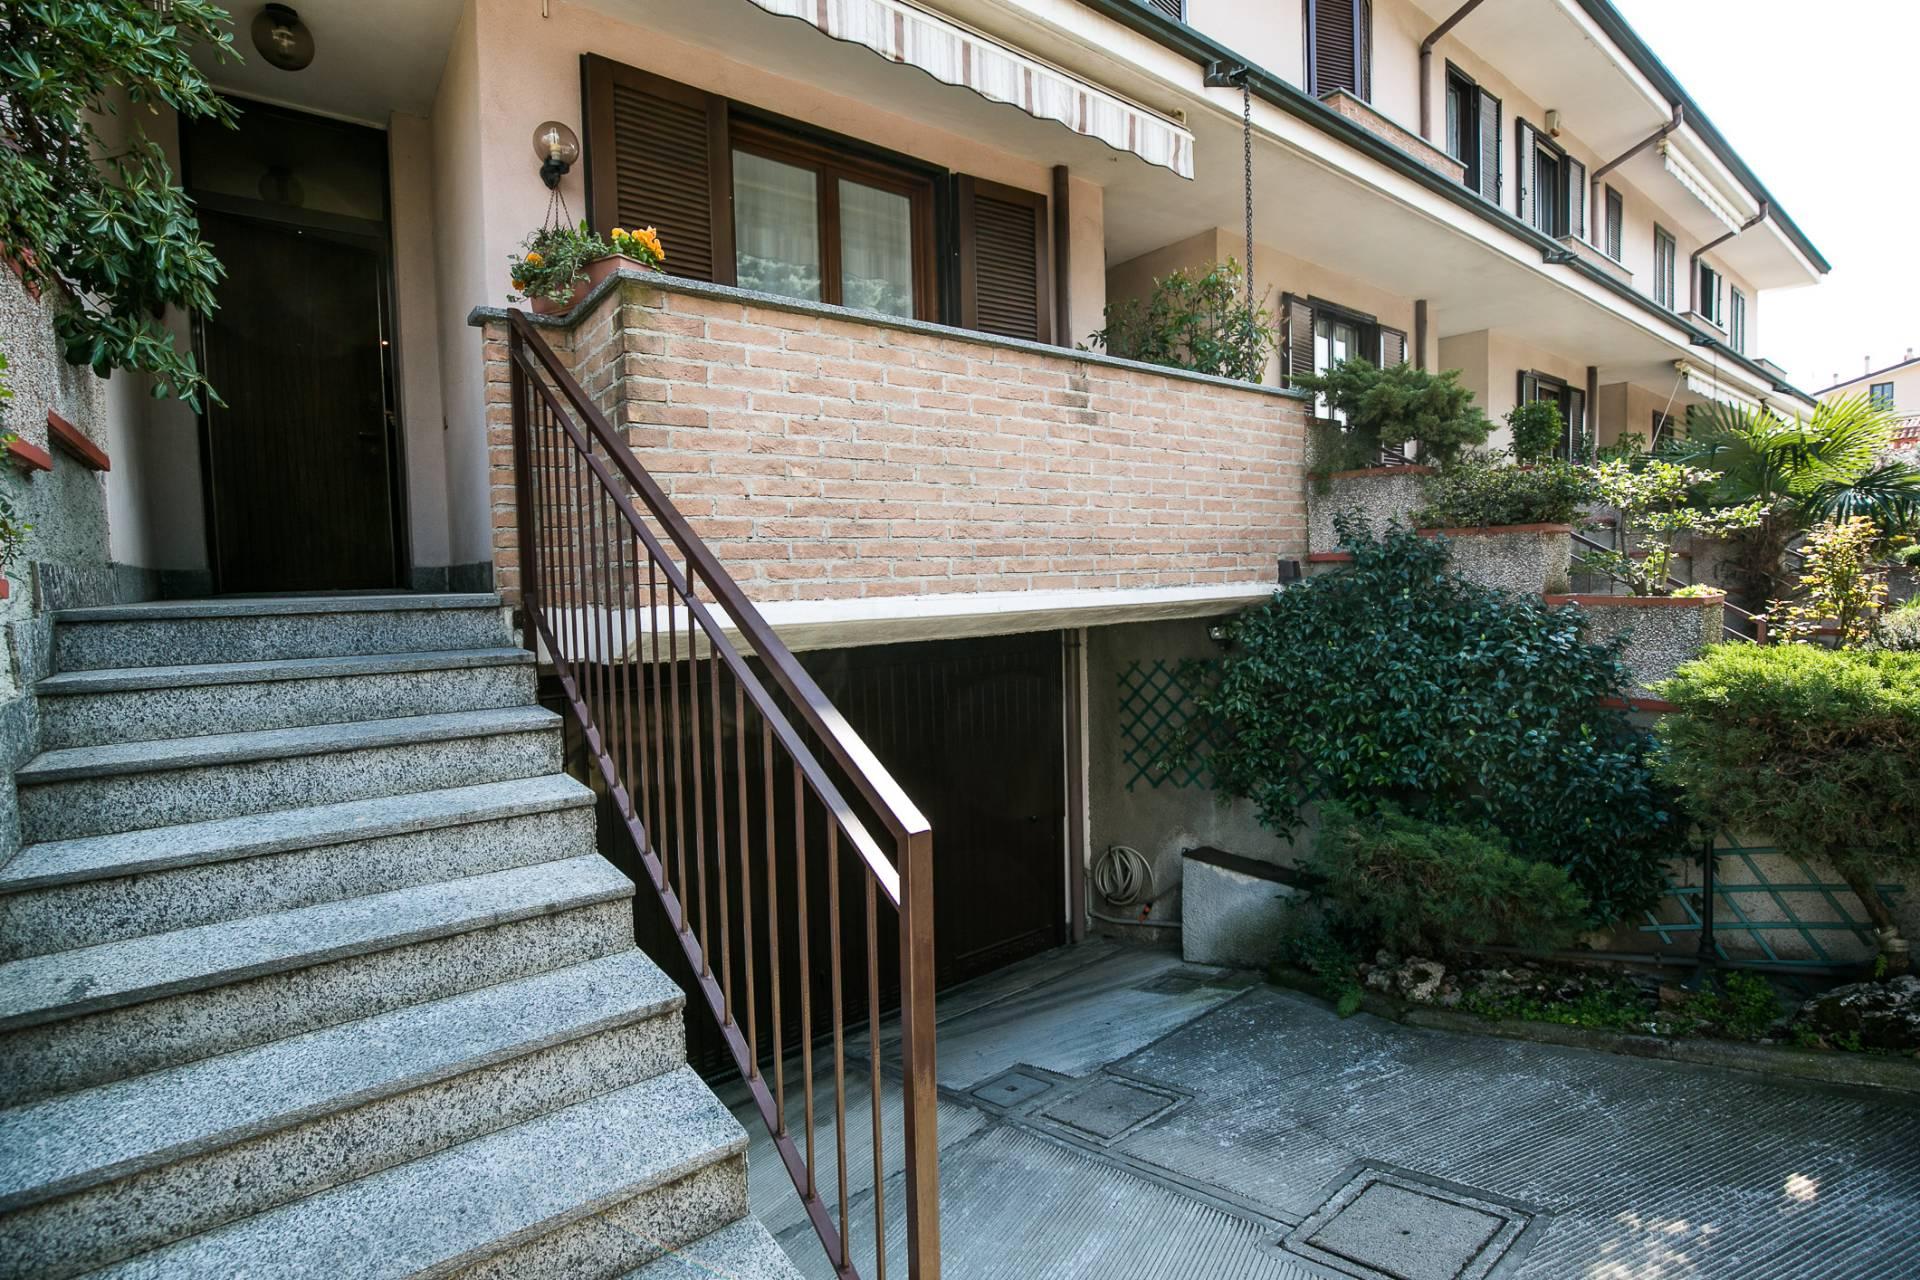 Villa a Schiera in vendita a Saronno, 5 locali, prezzo € 359.000 | CambioCasa.it